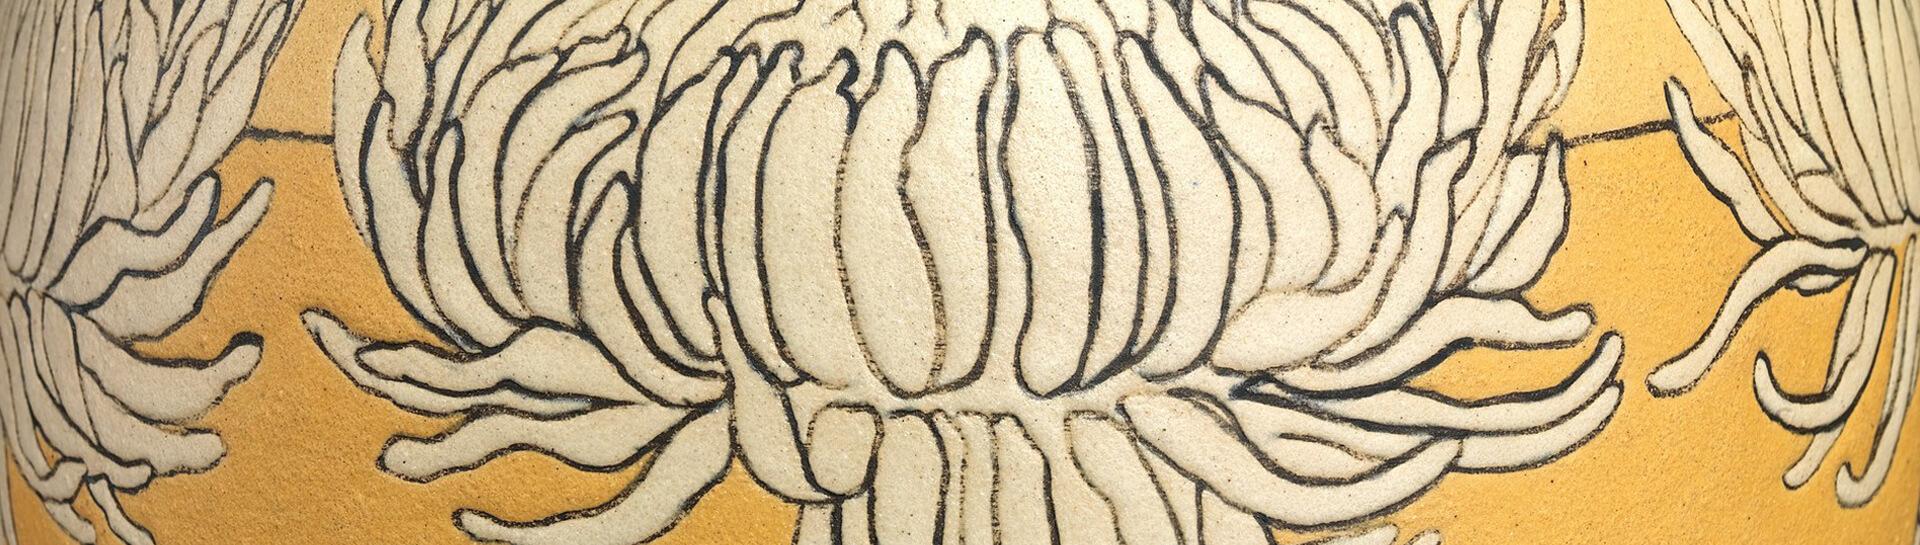 Paul Revere Pottery Vase Detail